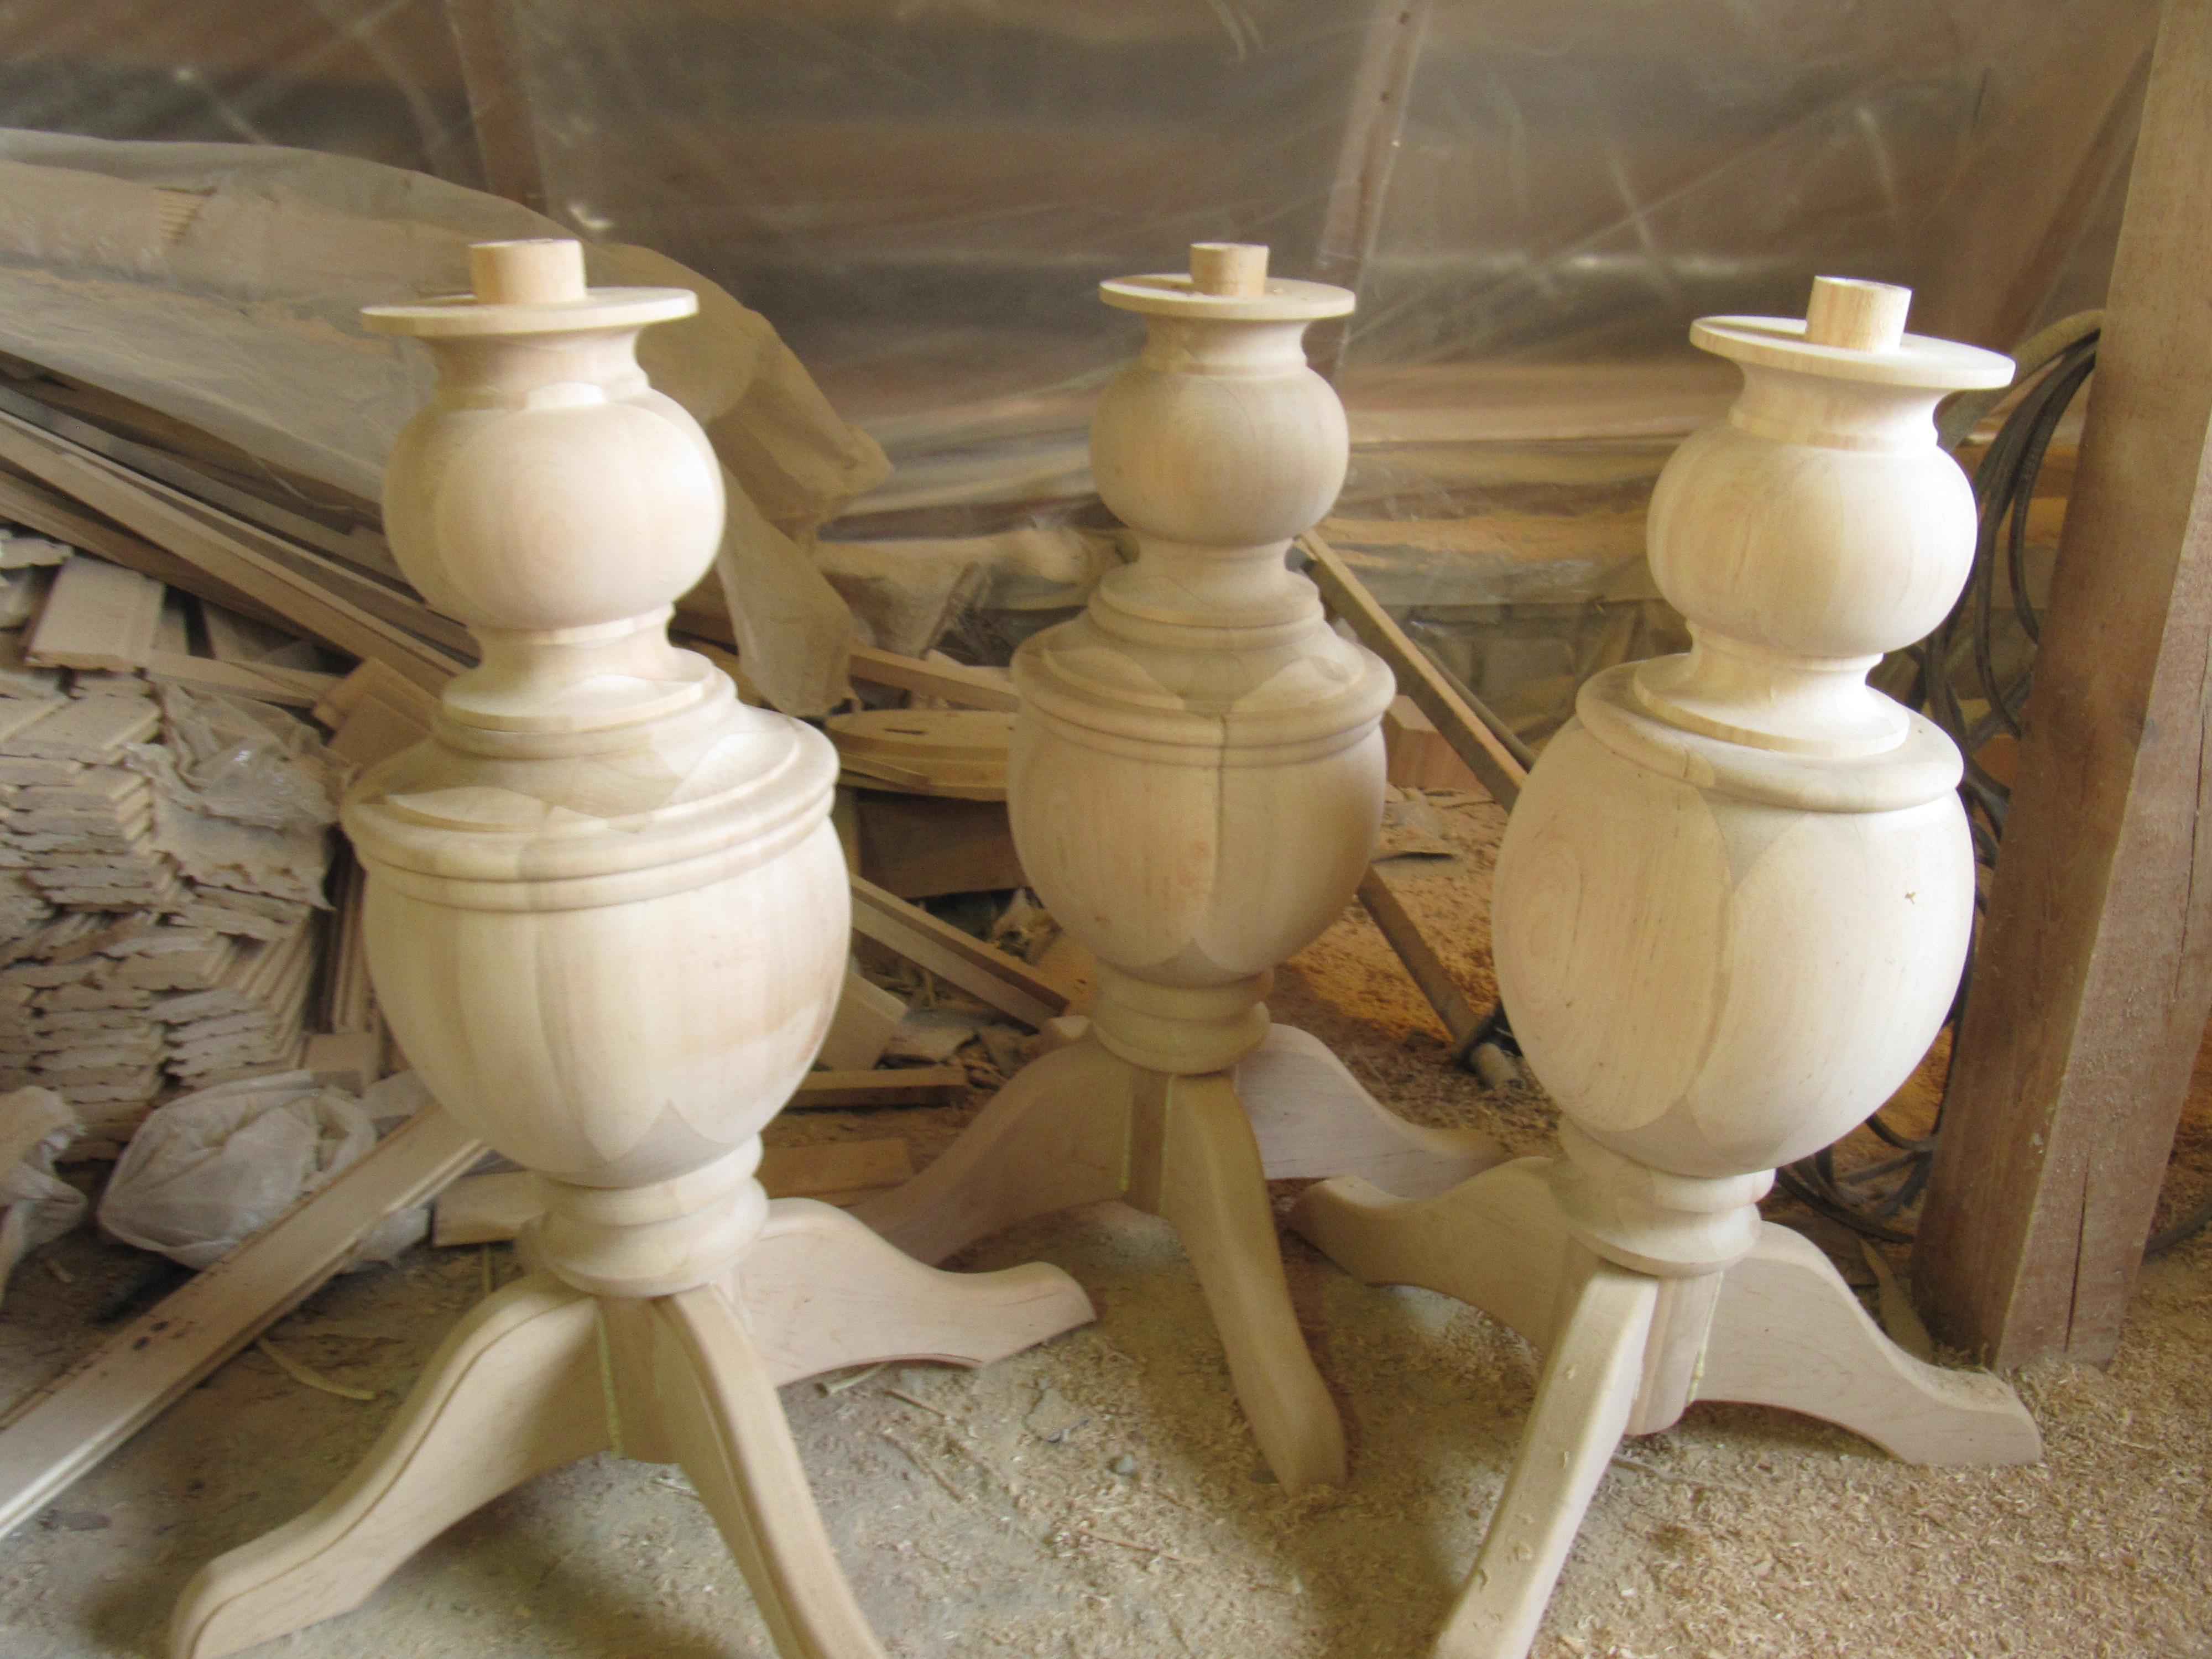 Фото изделий на токарном по дереву своими руками